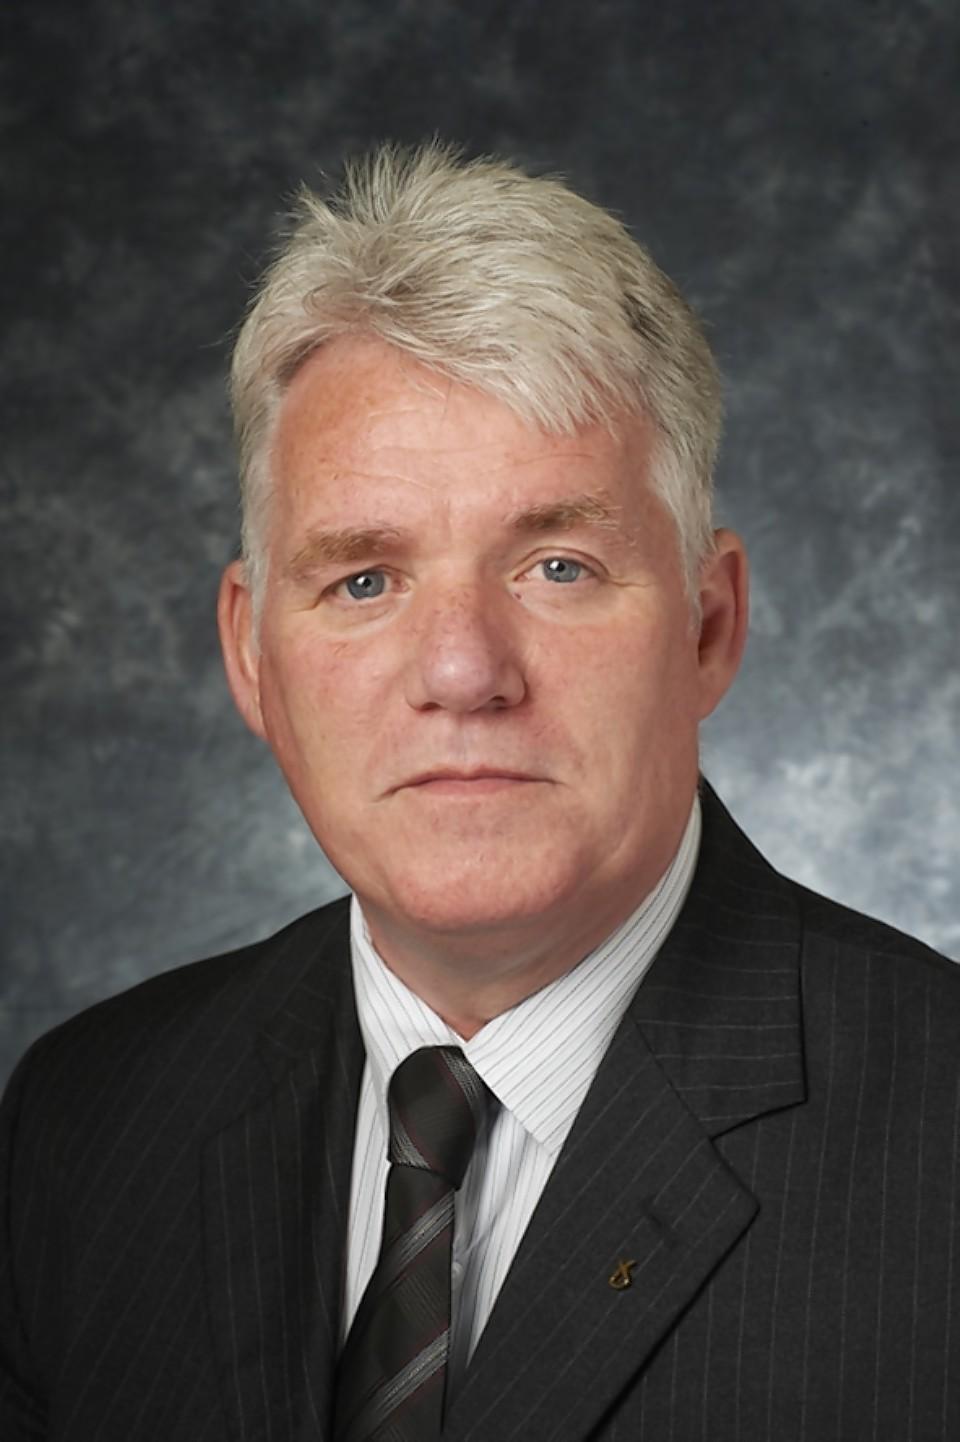 Councillor Ian Brown